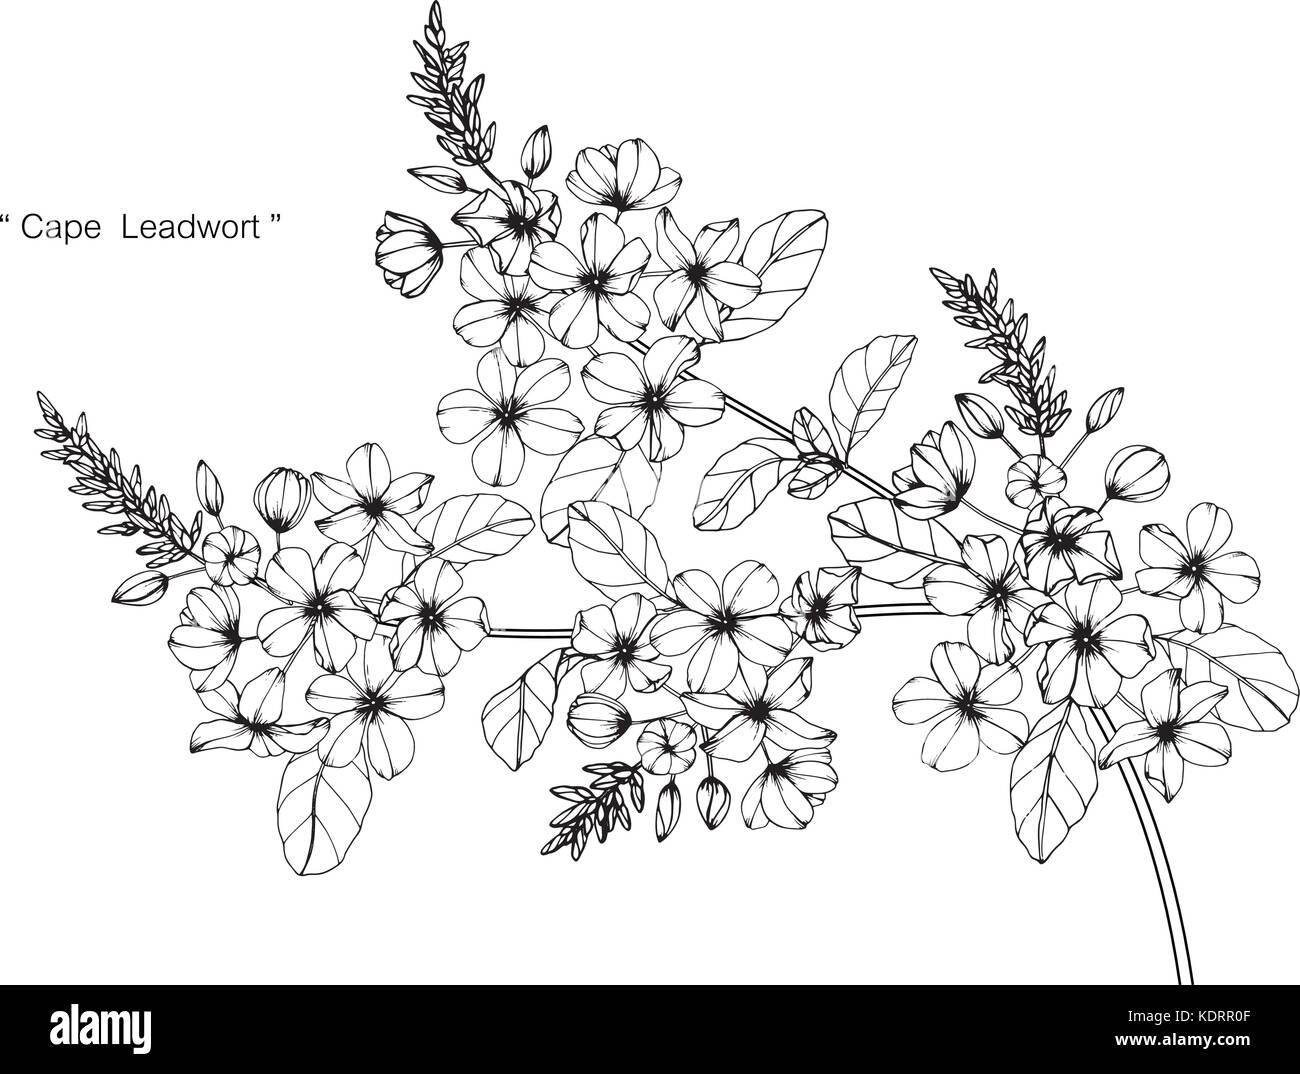 Cape Leadwort Illustration Dessin De Fleurs Noir Et Blanc